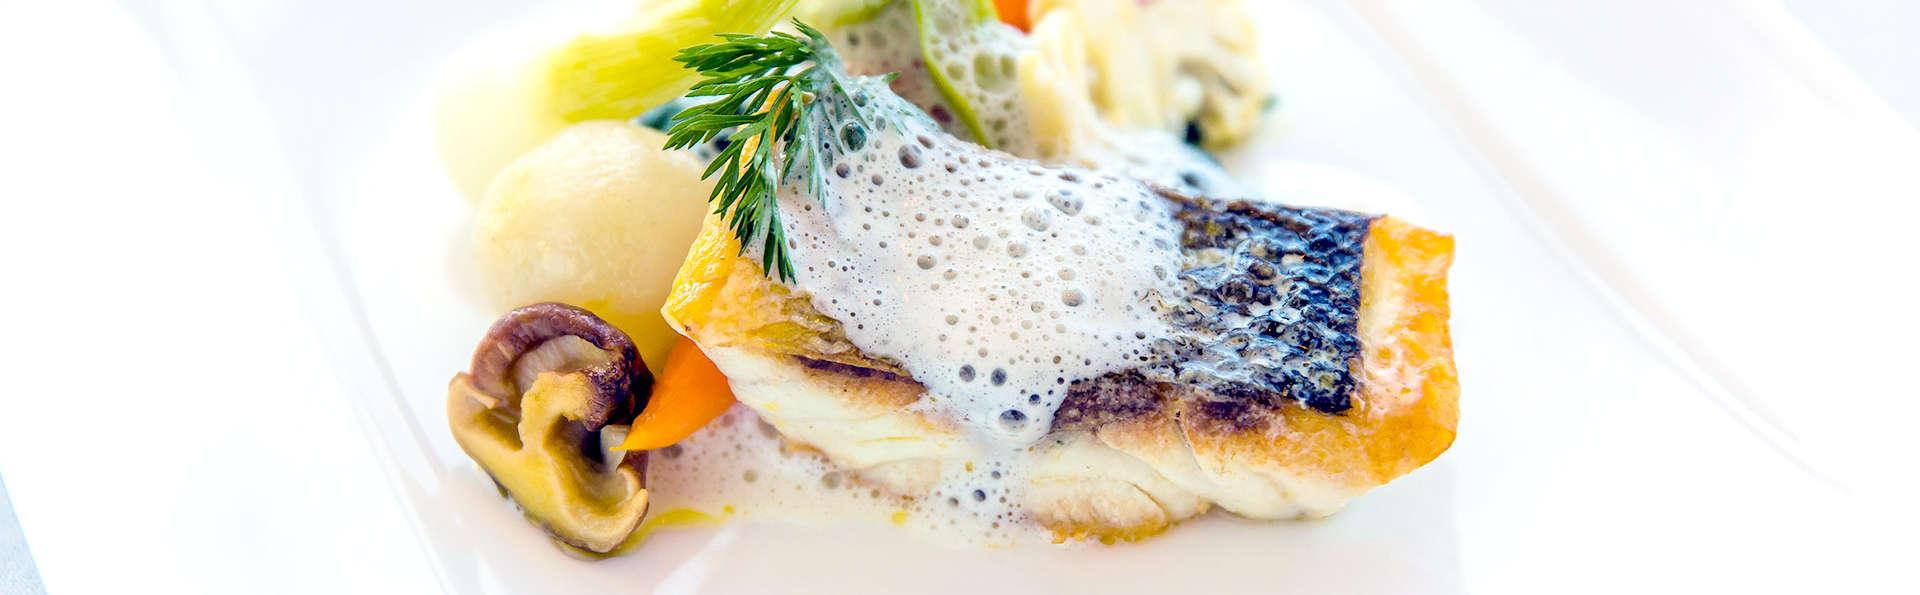 Bien-être et saveurs raffinées dans un superbe hôtel face à la mer aux Sables d'Olonne